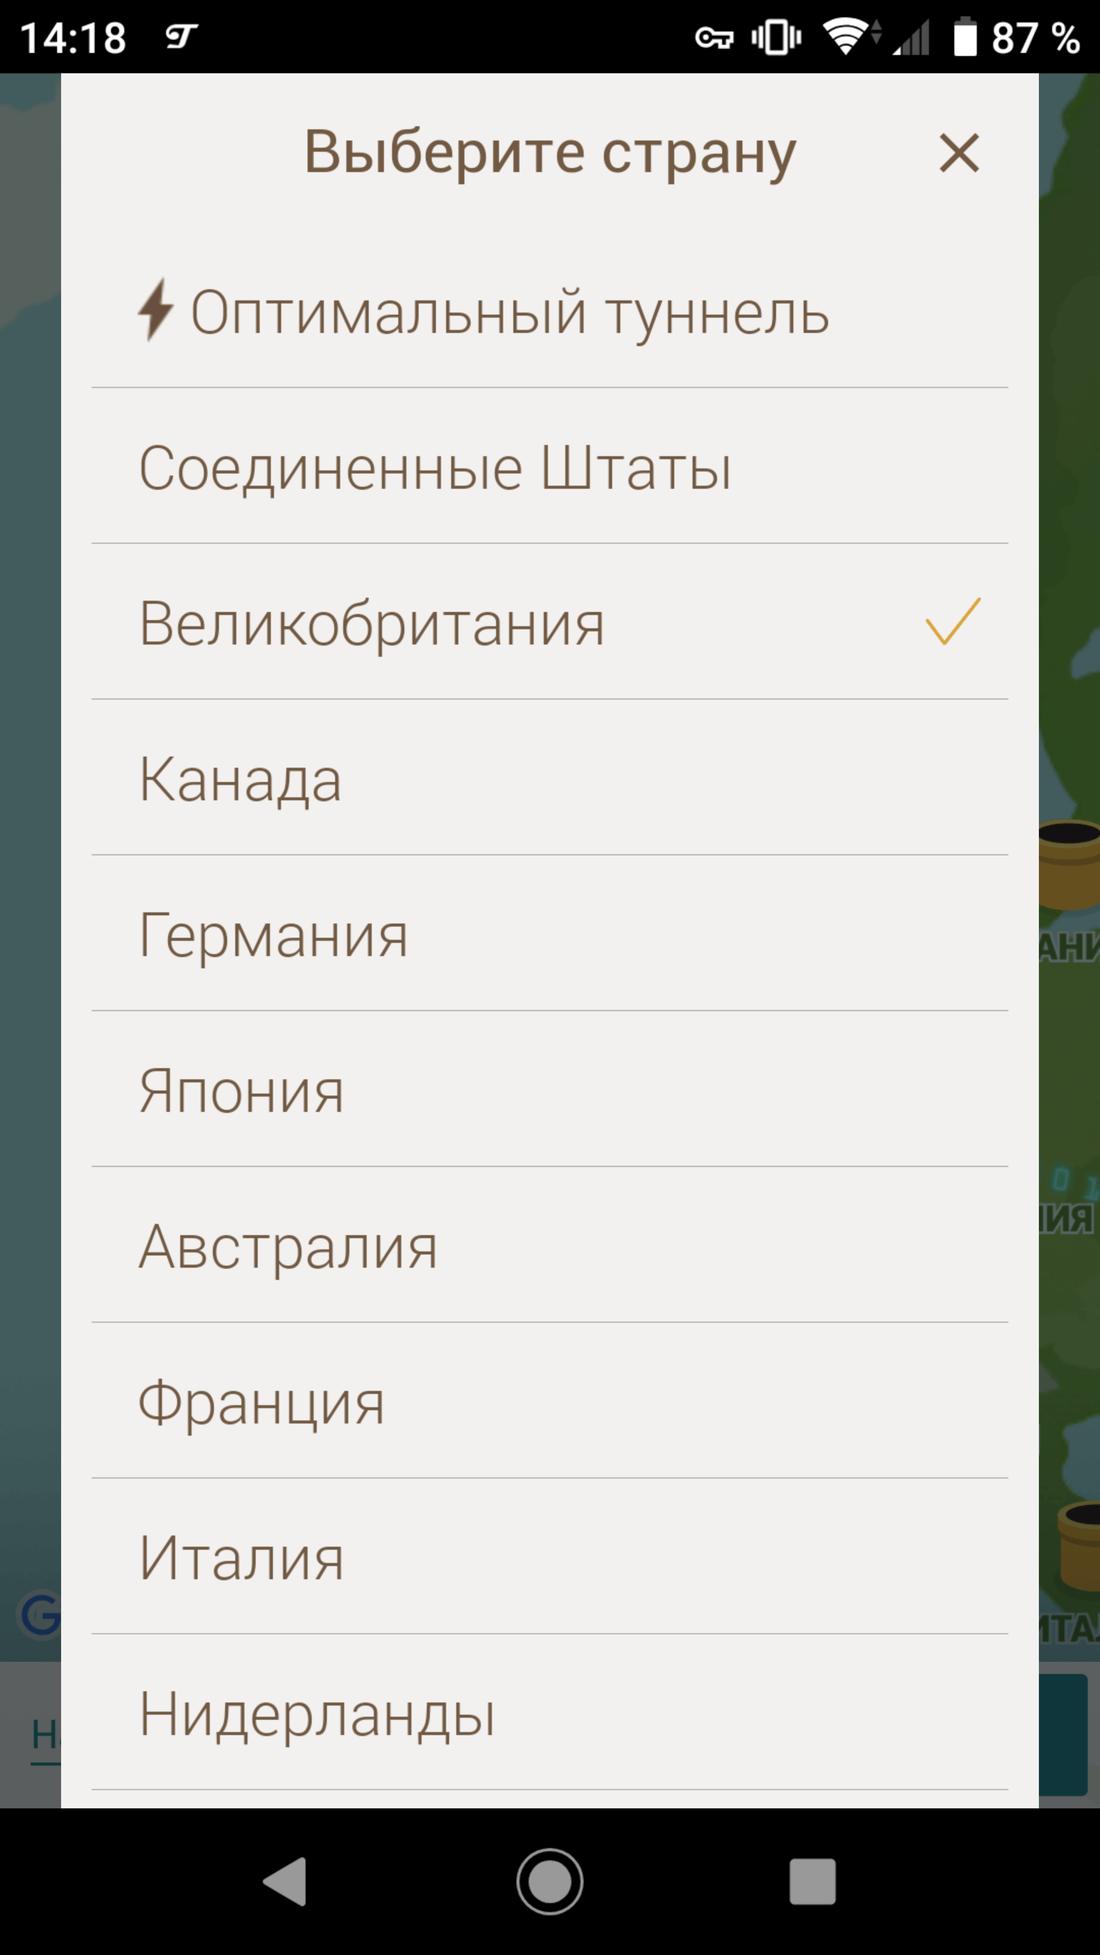 Скриншот #7 из программы TunnelBear VPN